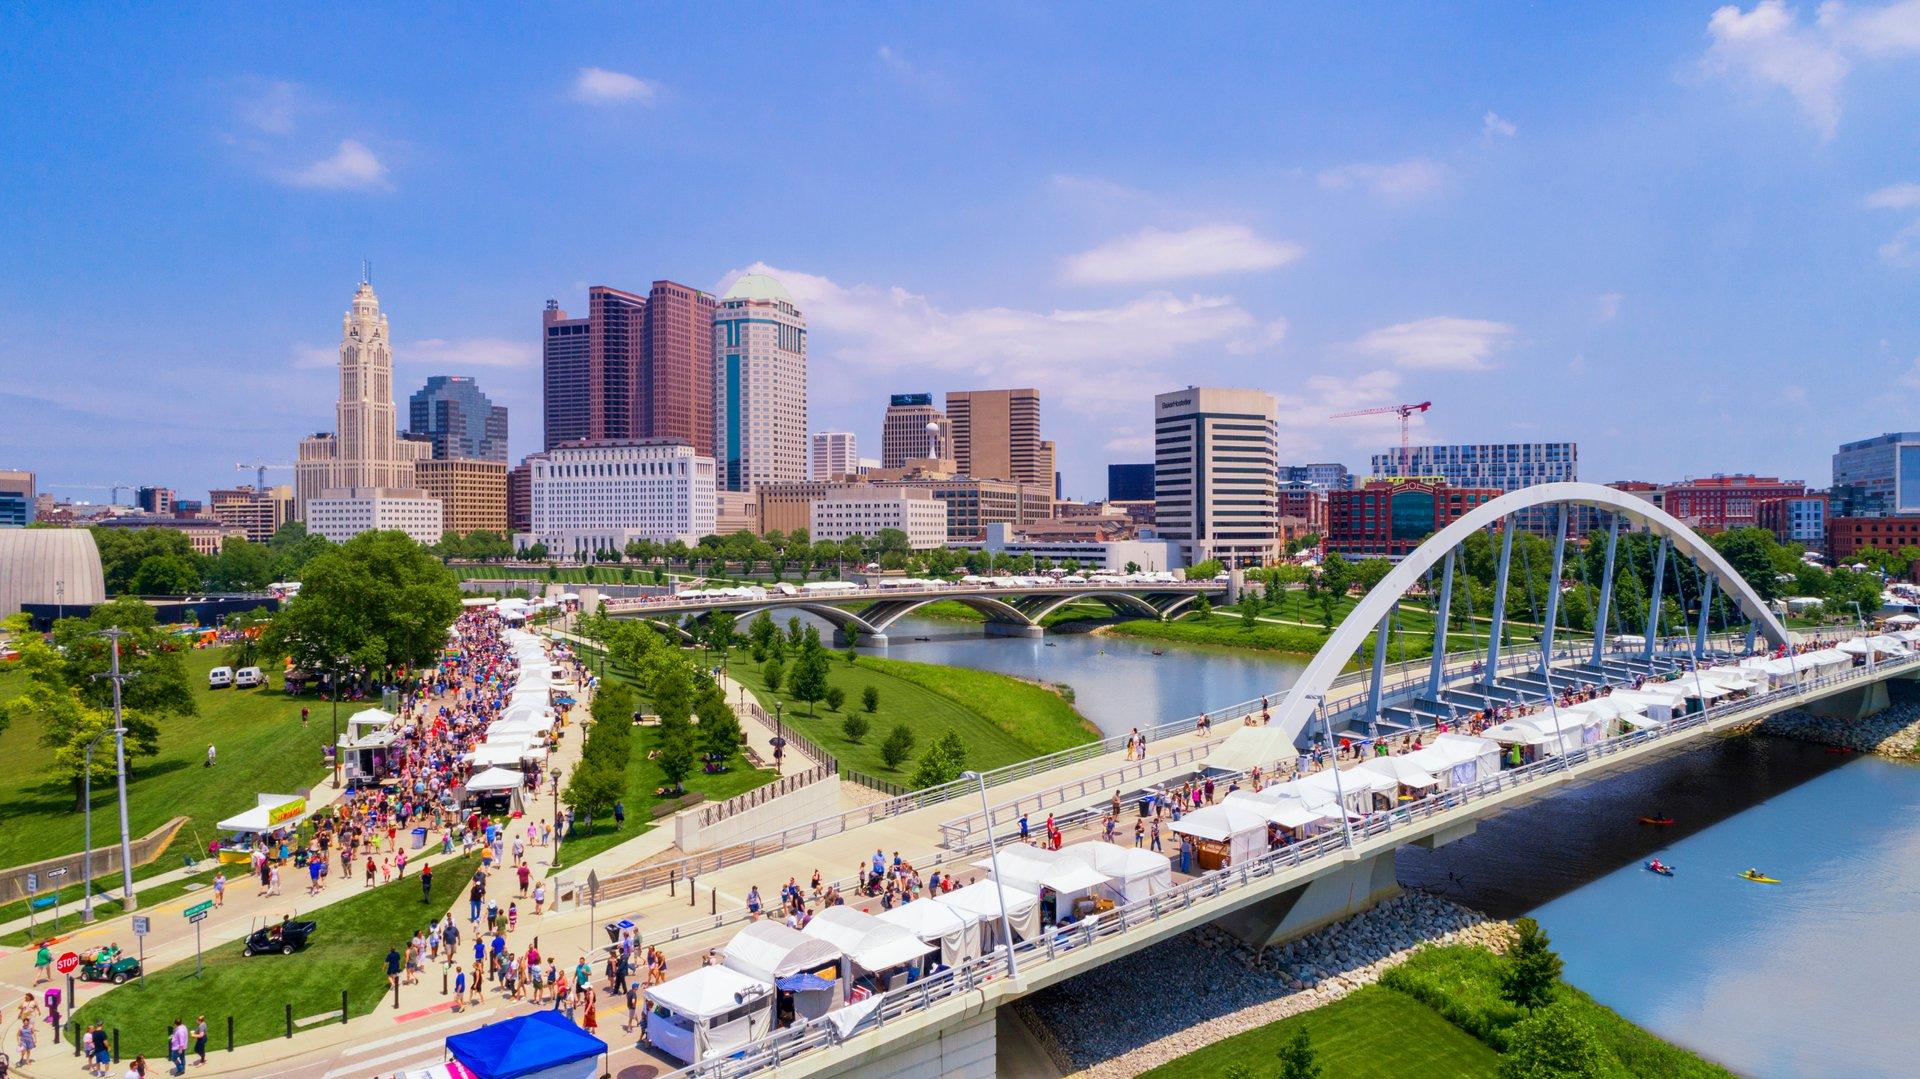 Columbus Arts Festival in Ohio 2020 - Best Time